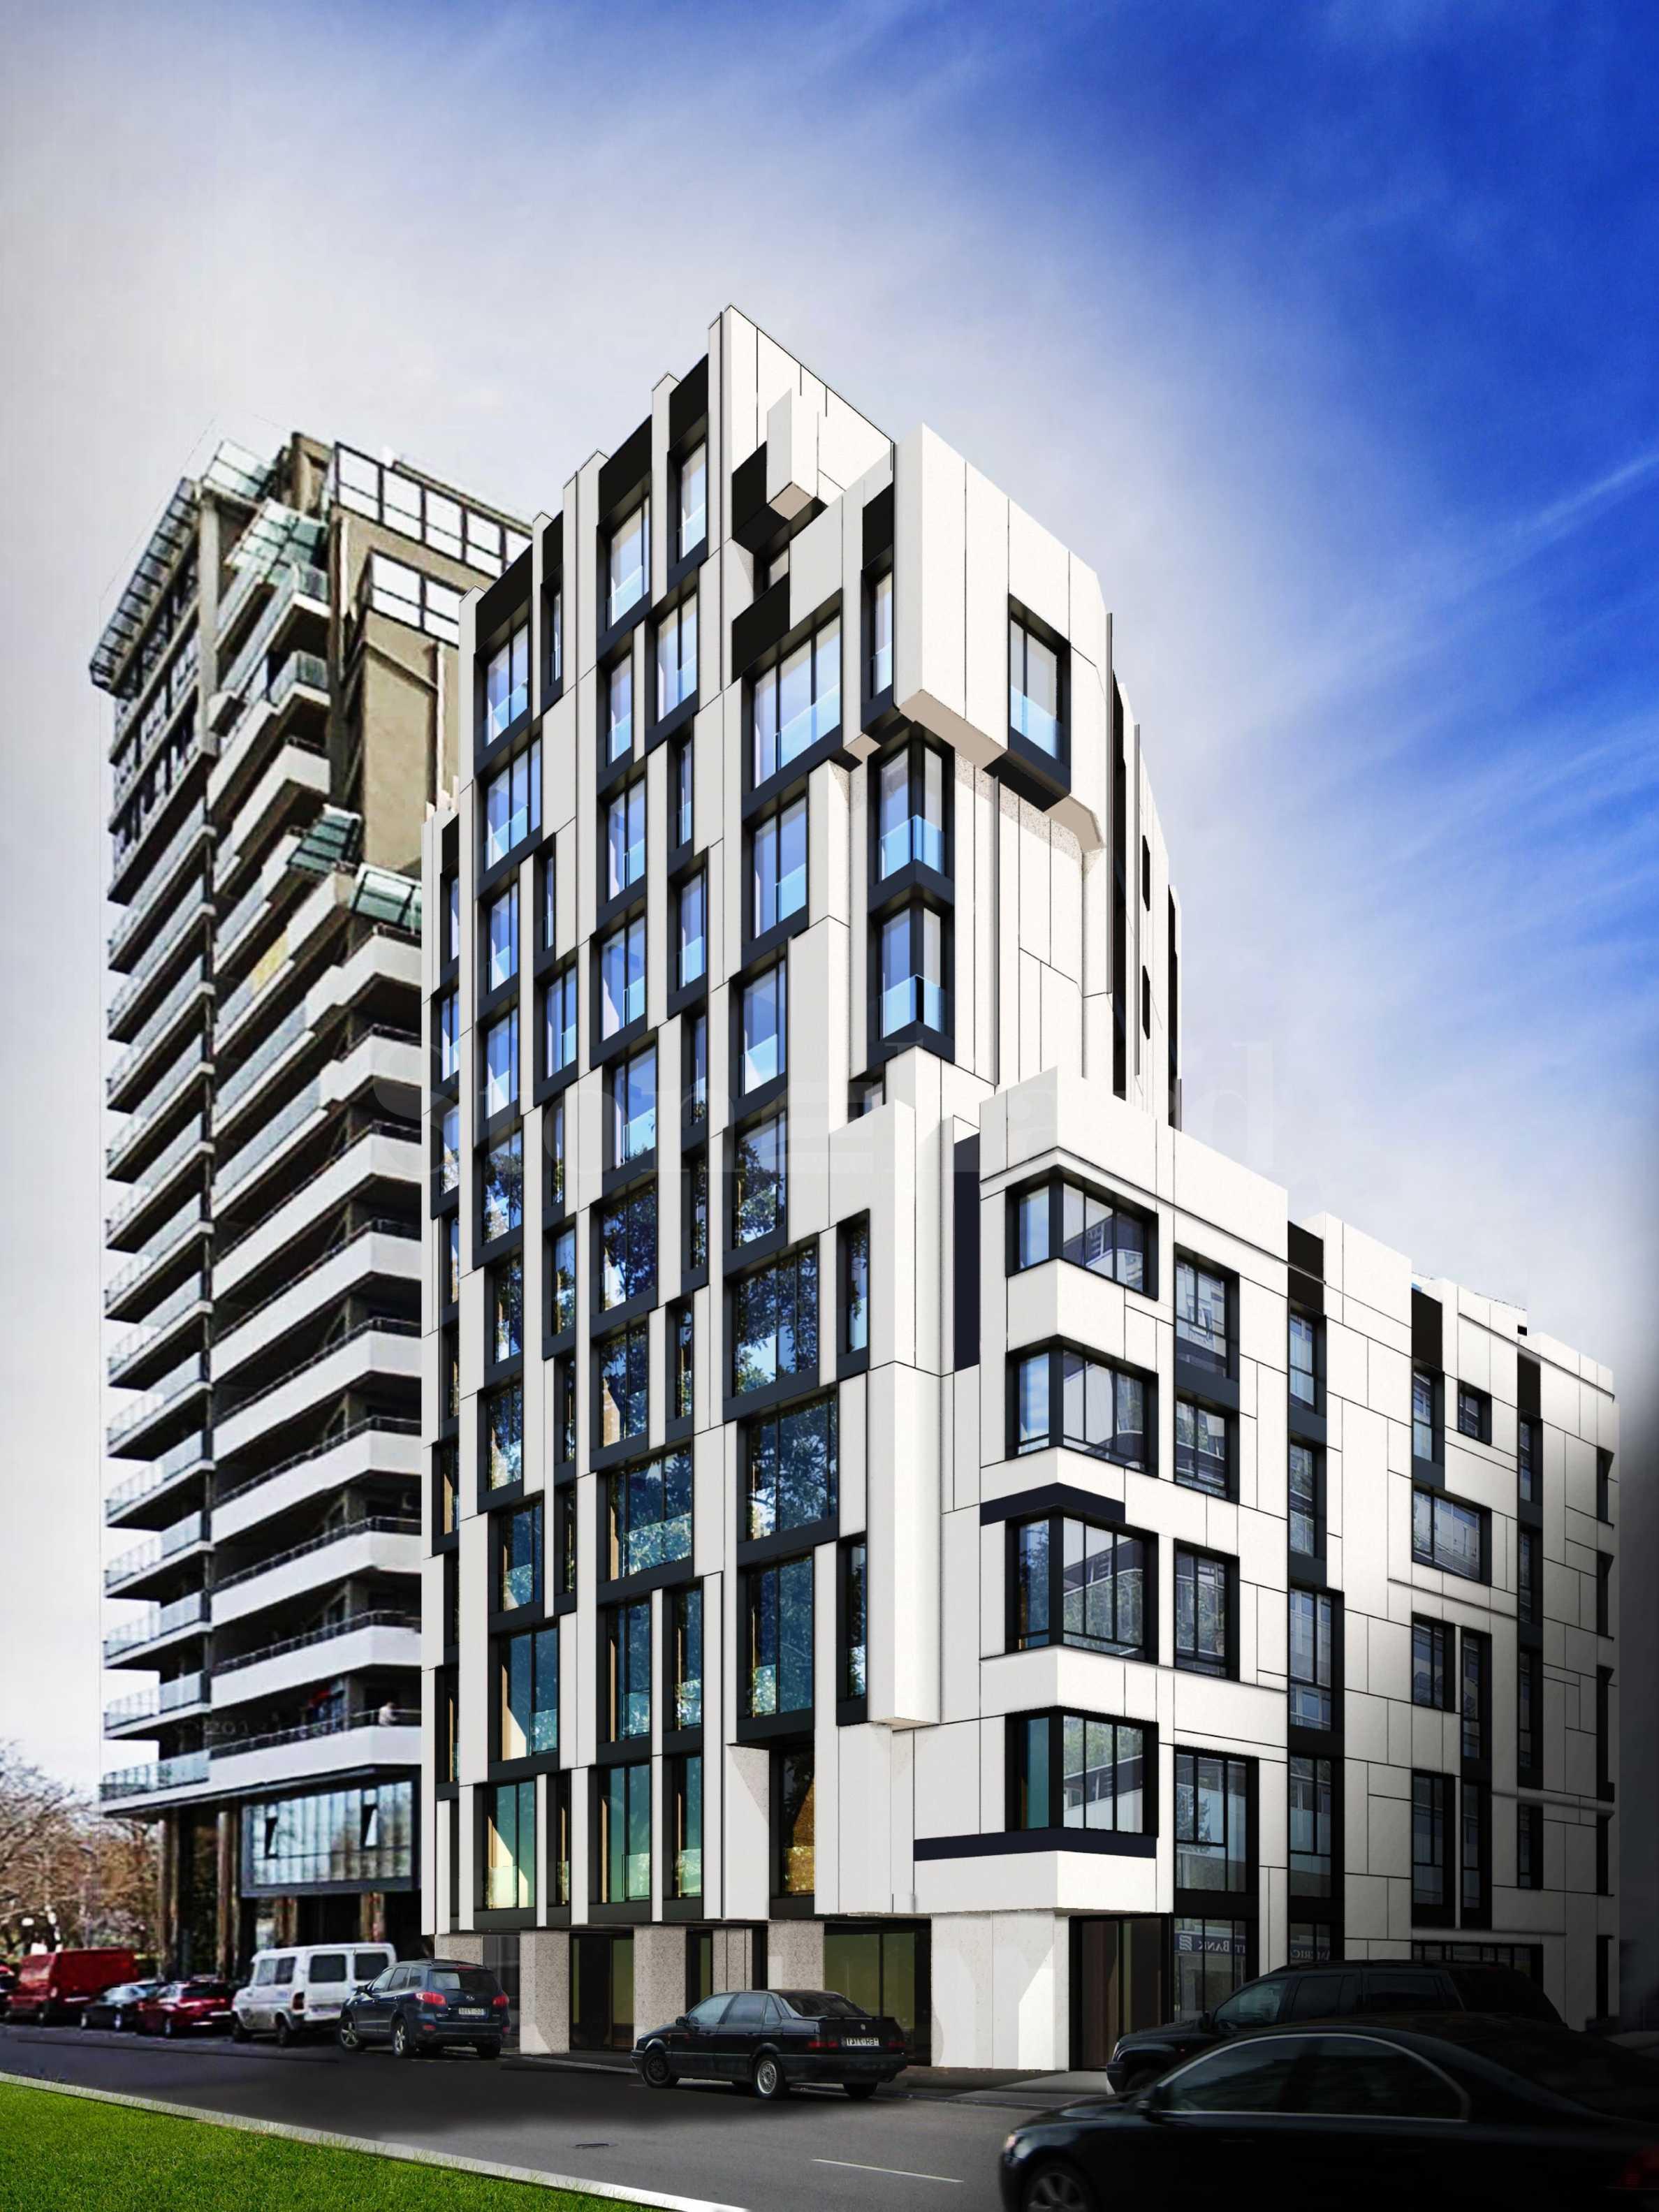 Новопостроена сграда с елитни апартаменти, г. Бургас1 - Stonehard